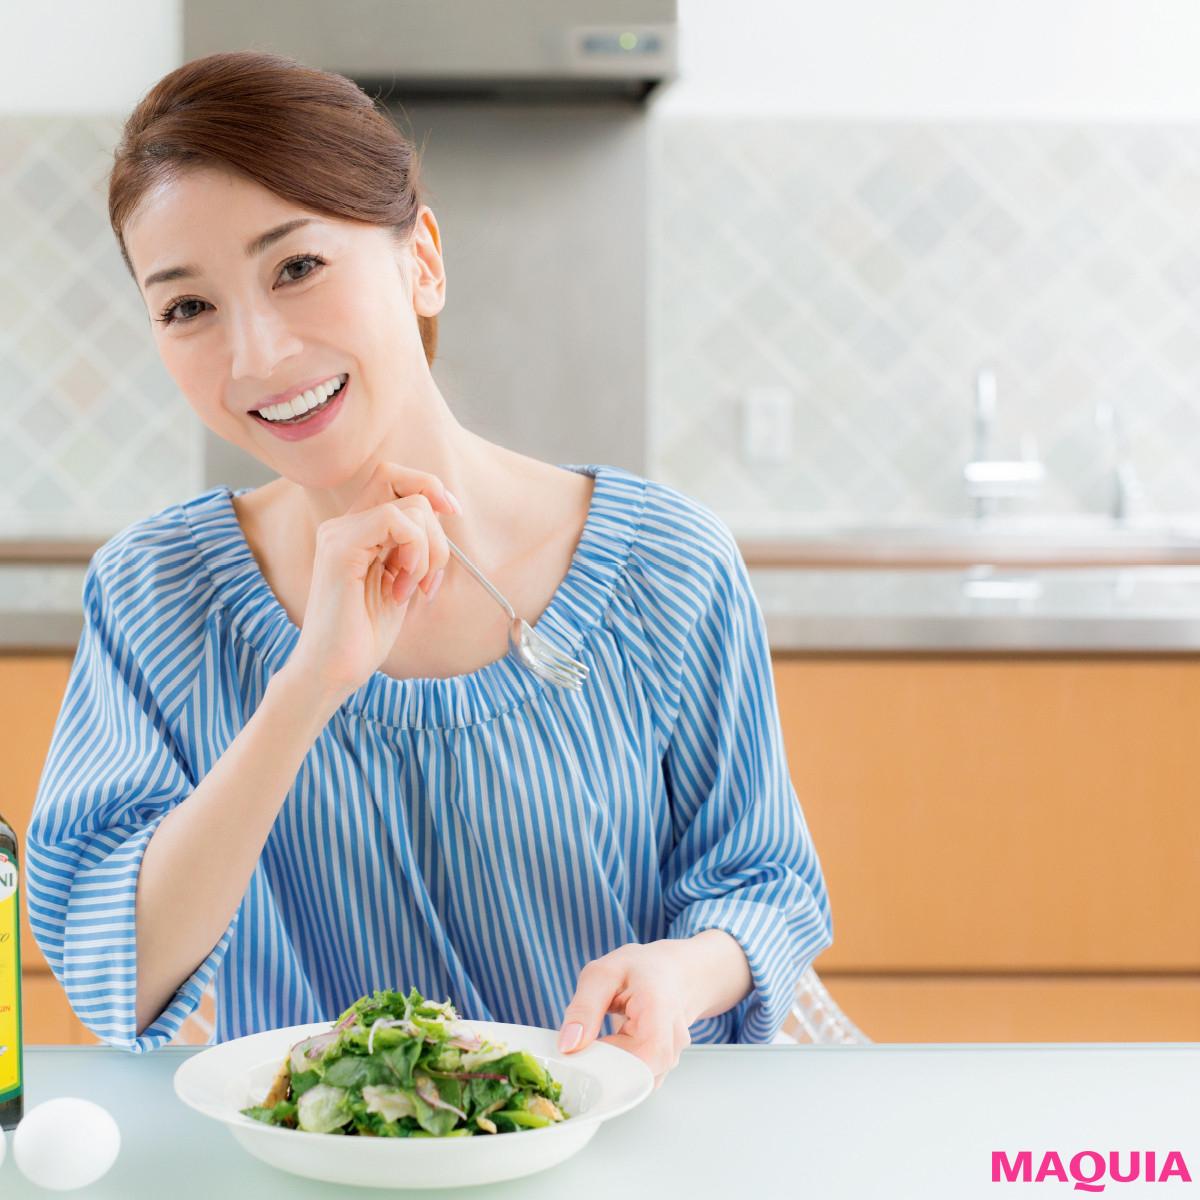 楽しみながら毎日コツコツと。君島十和子さんの「朝の美容習慣」とは?